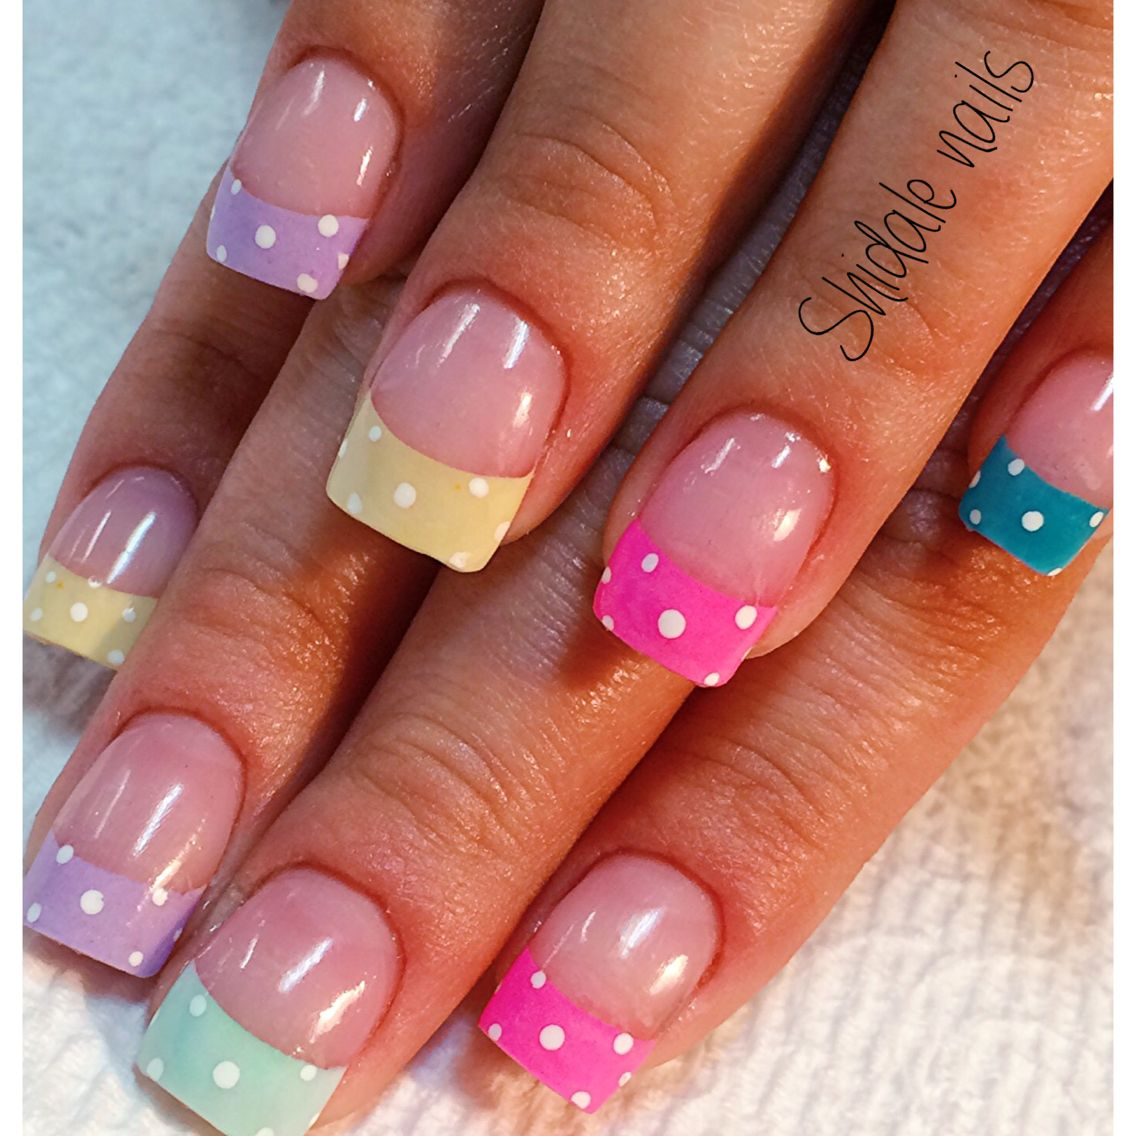 Playful Spring Nails Spring Nail Art Nail Designs Easter Nail Designs